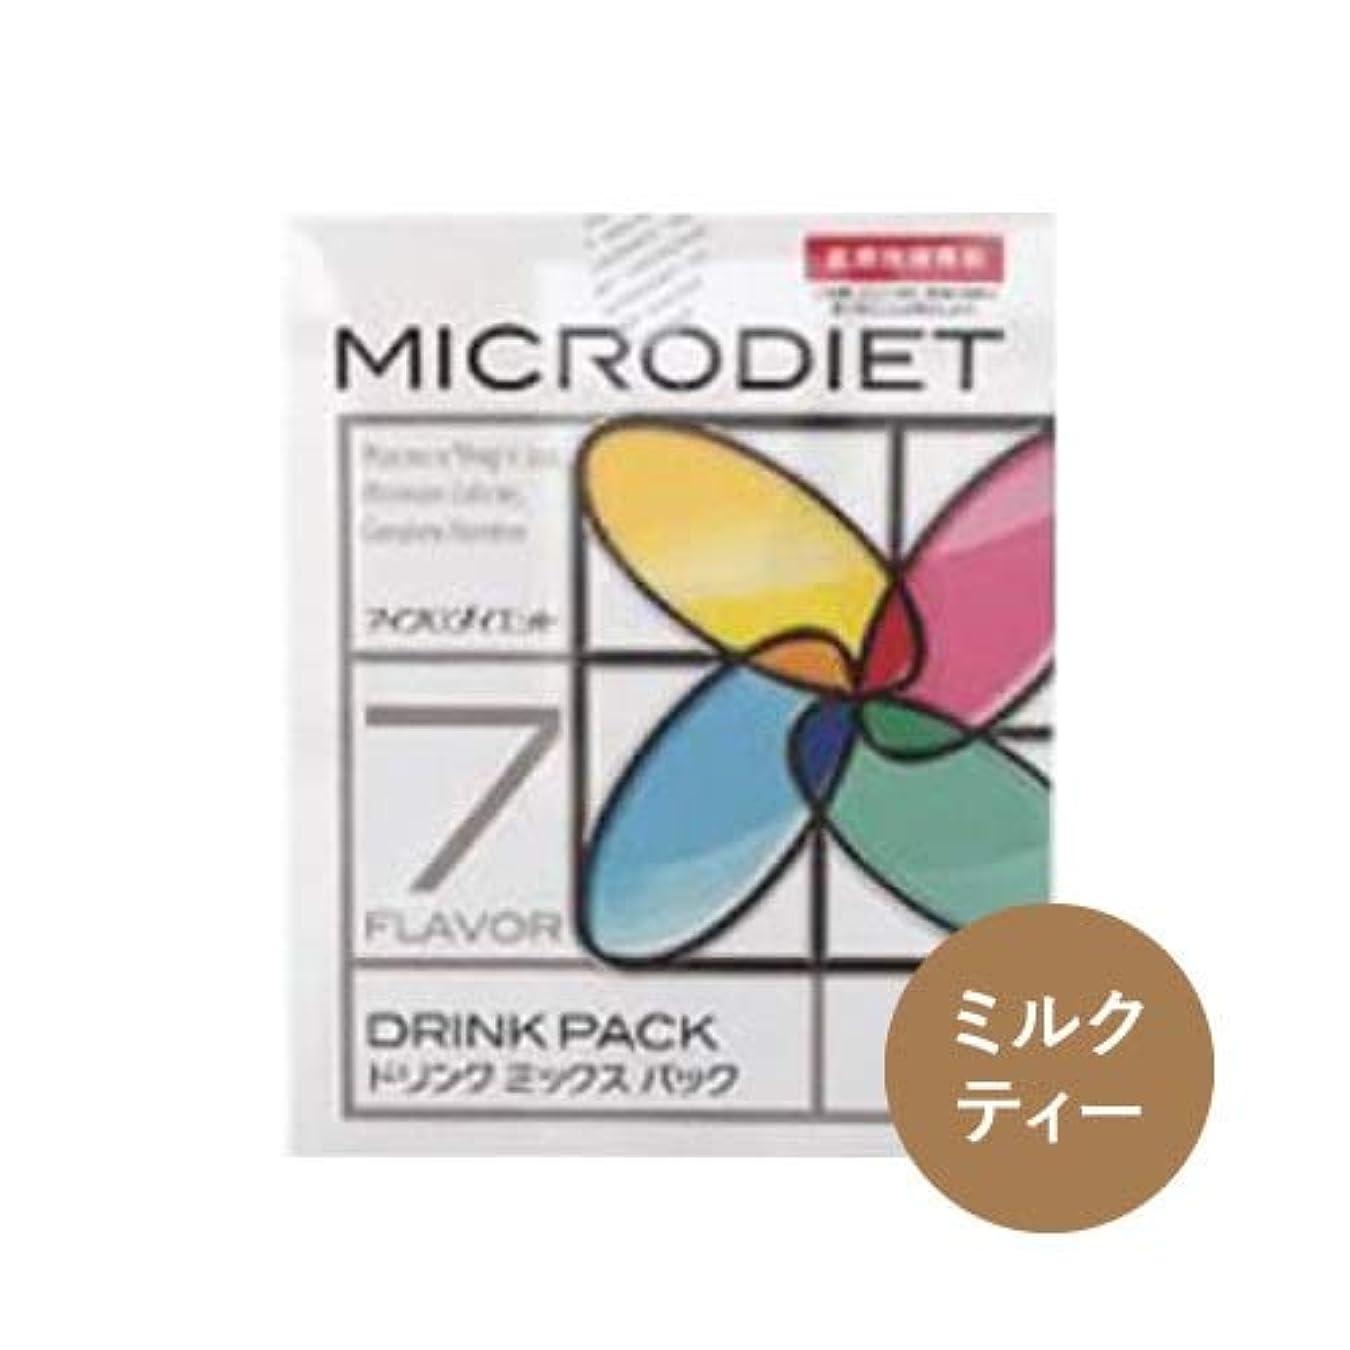 昇る説得緊急マイクロダイエット MICRODIET ドリンクタイプ 7食 ミルクティー味